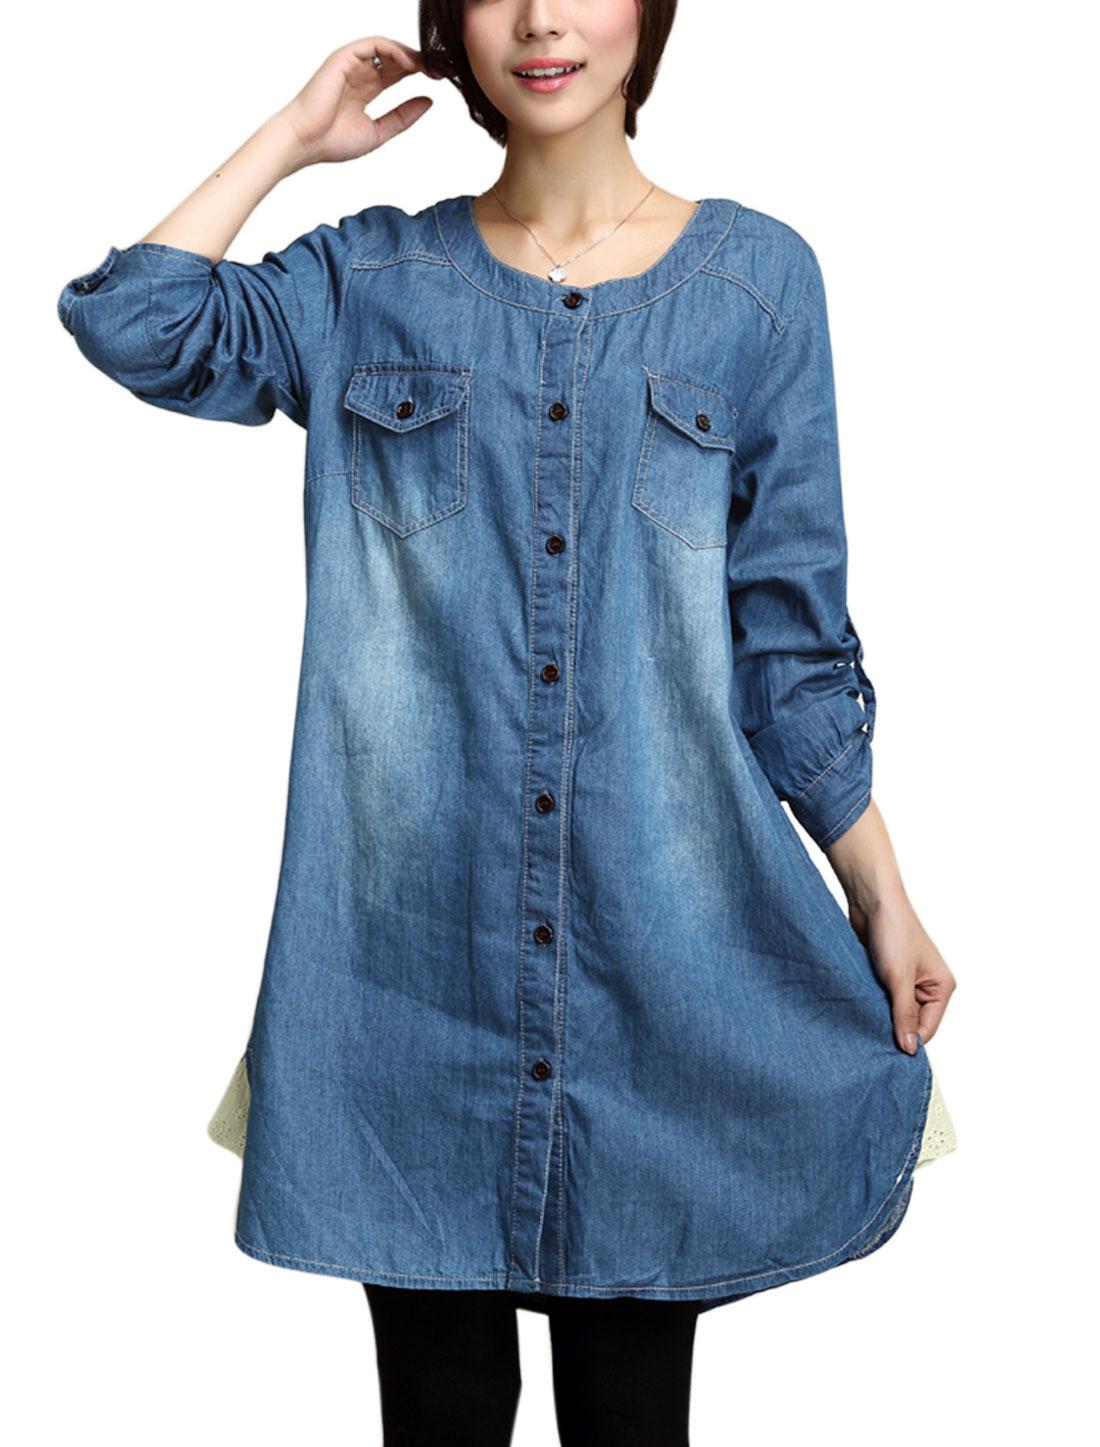 Maternity Roll Up Cuffs Bust Flap Pockets Soft Denim Shirt Dress Blue M